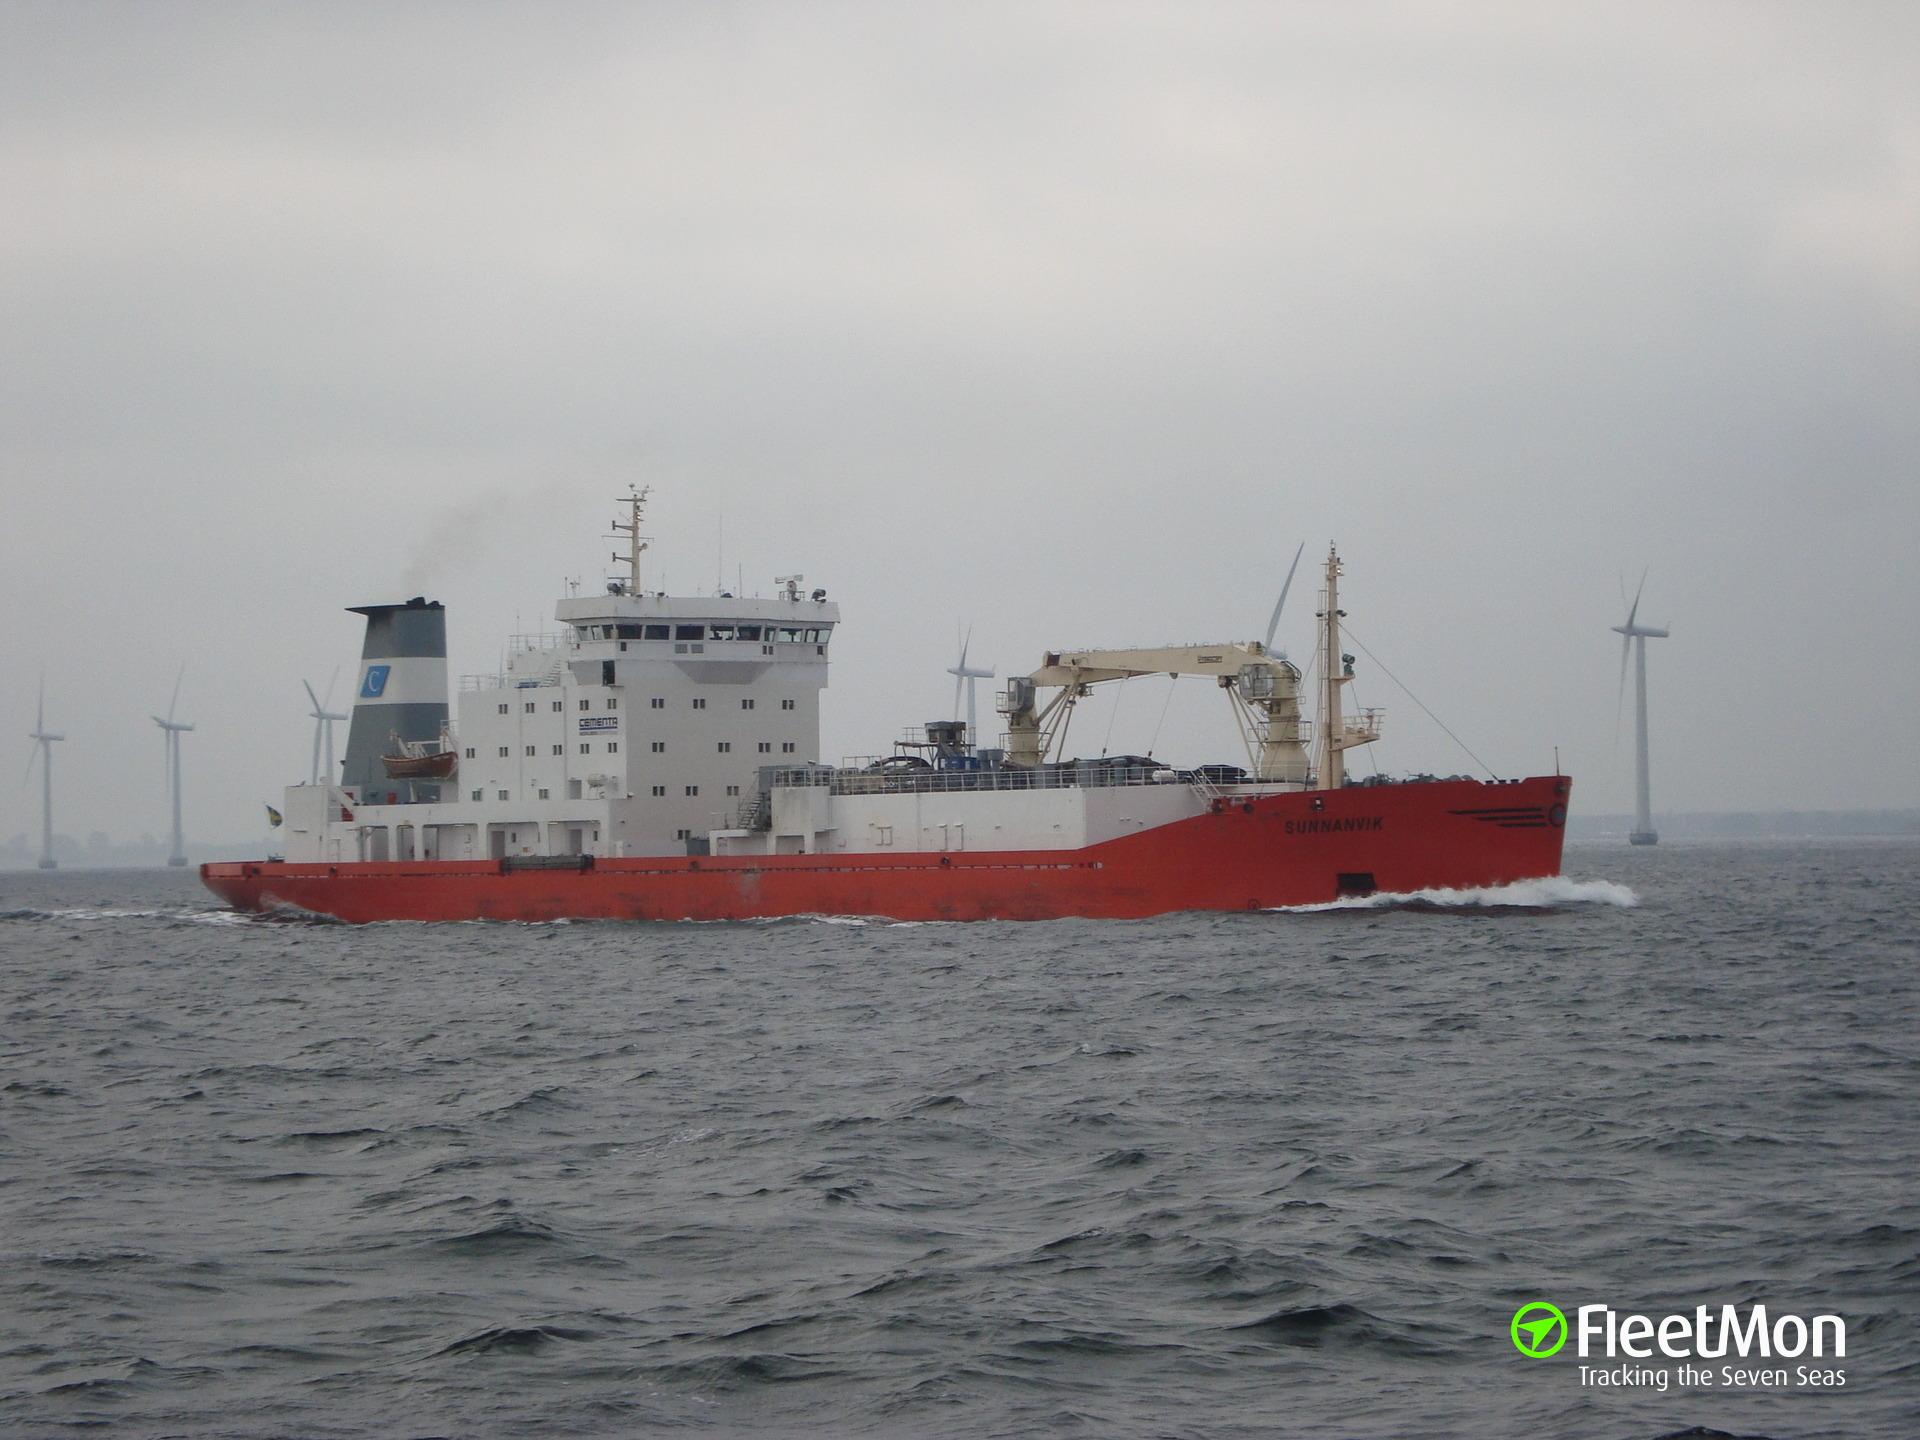 Cement carrier aground, Sweden